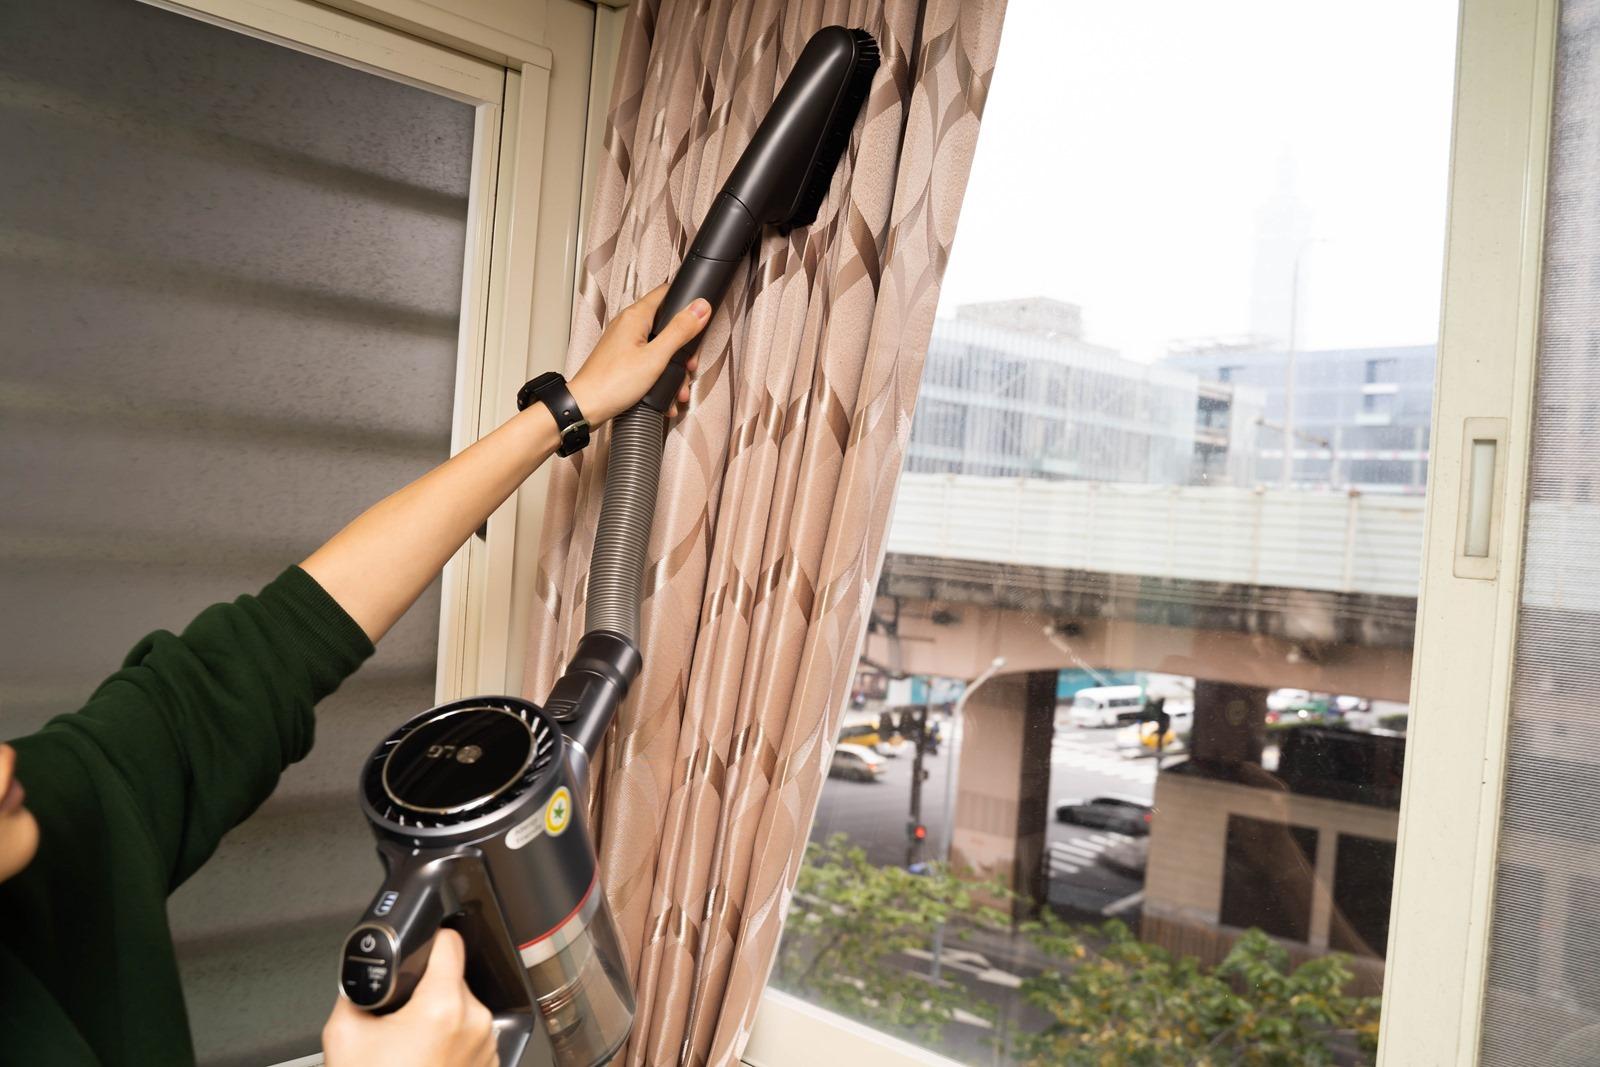 史上最強、更勝以往!LG CordZero A9+ 快清式無線吸塵器智慧雙旋乾濕兩用,開啟優雅潔淨美型時代 @3C 達人廖阿輝